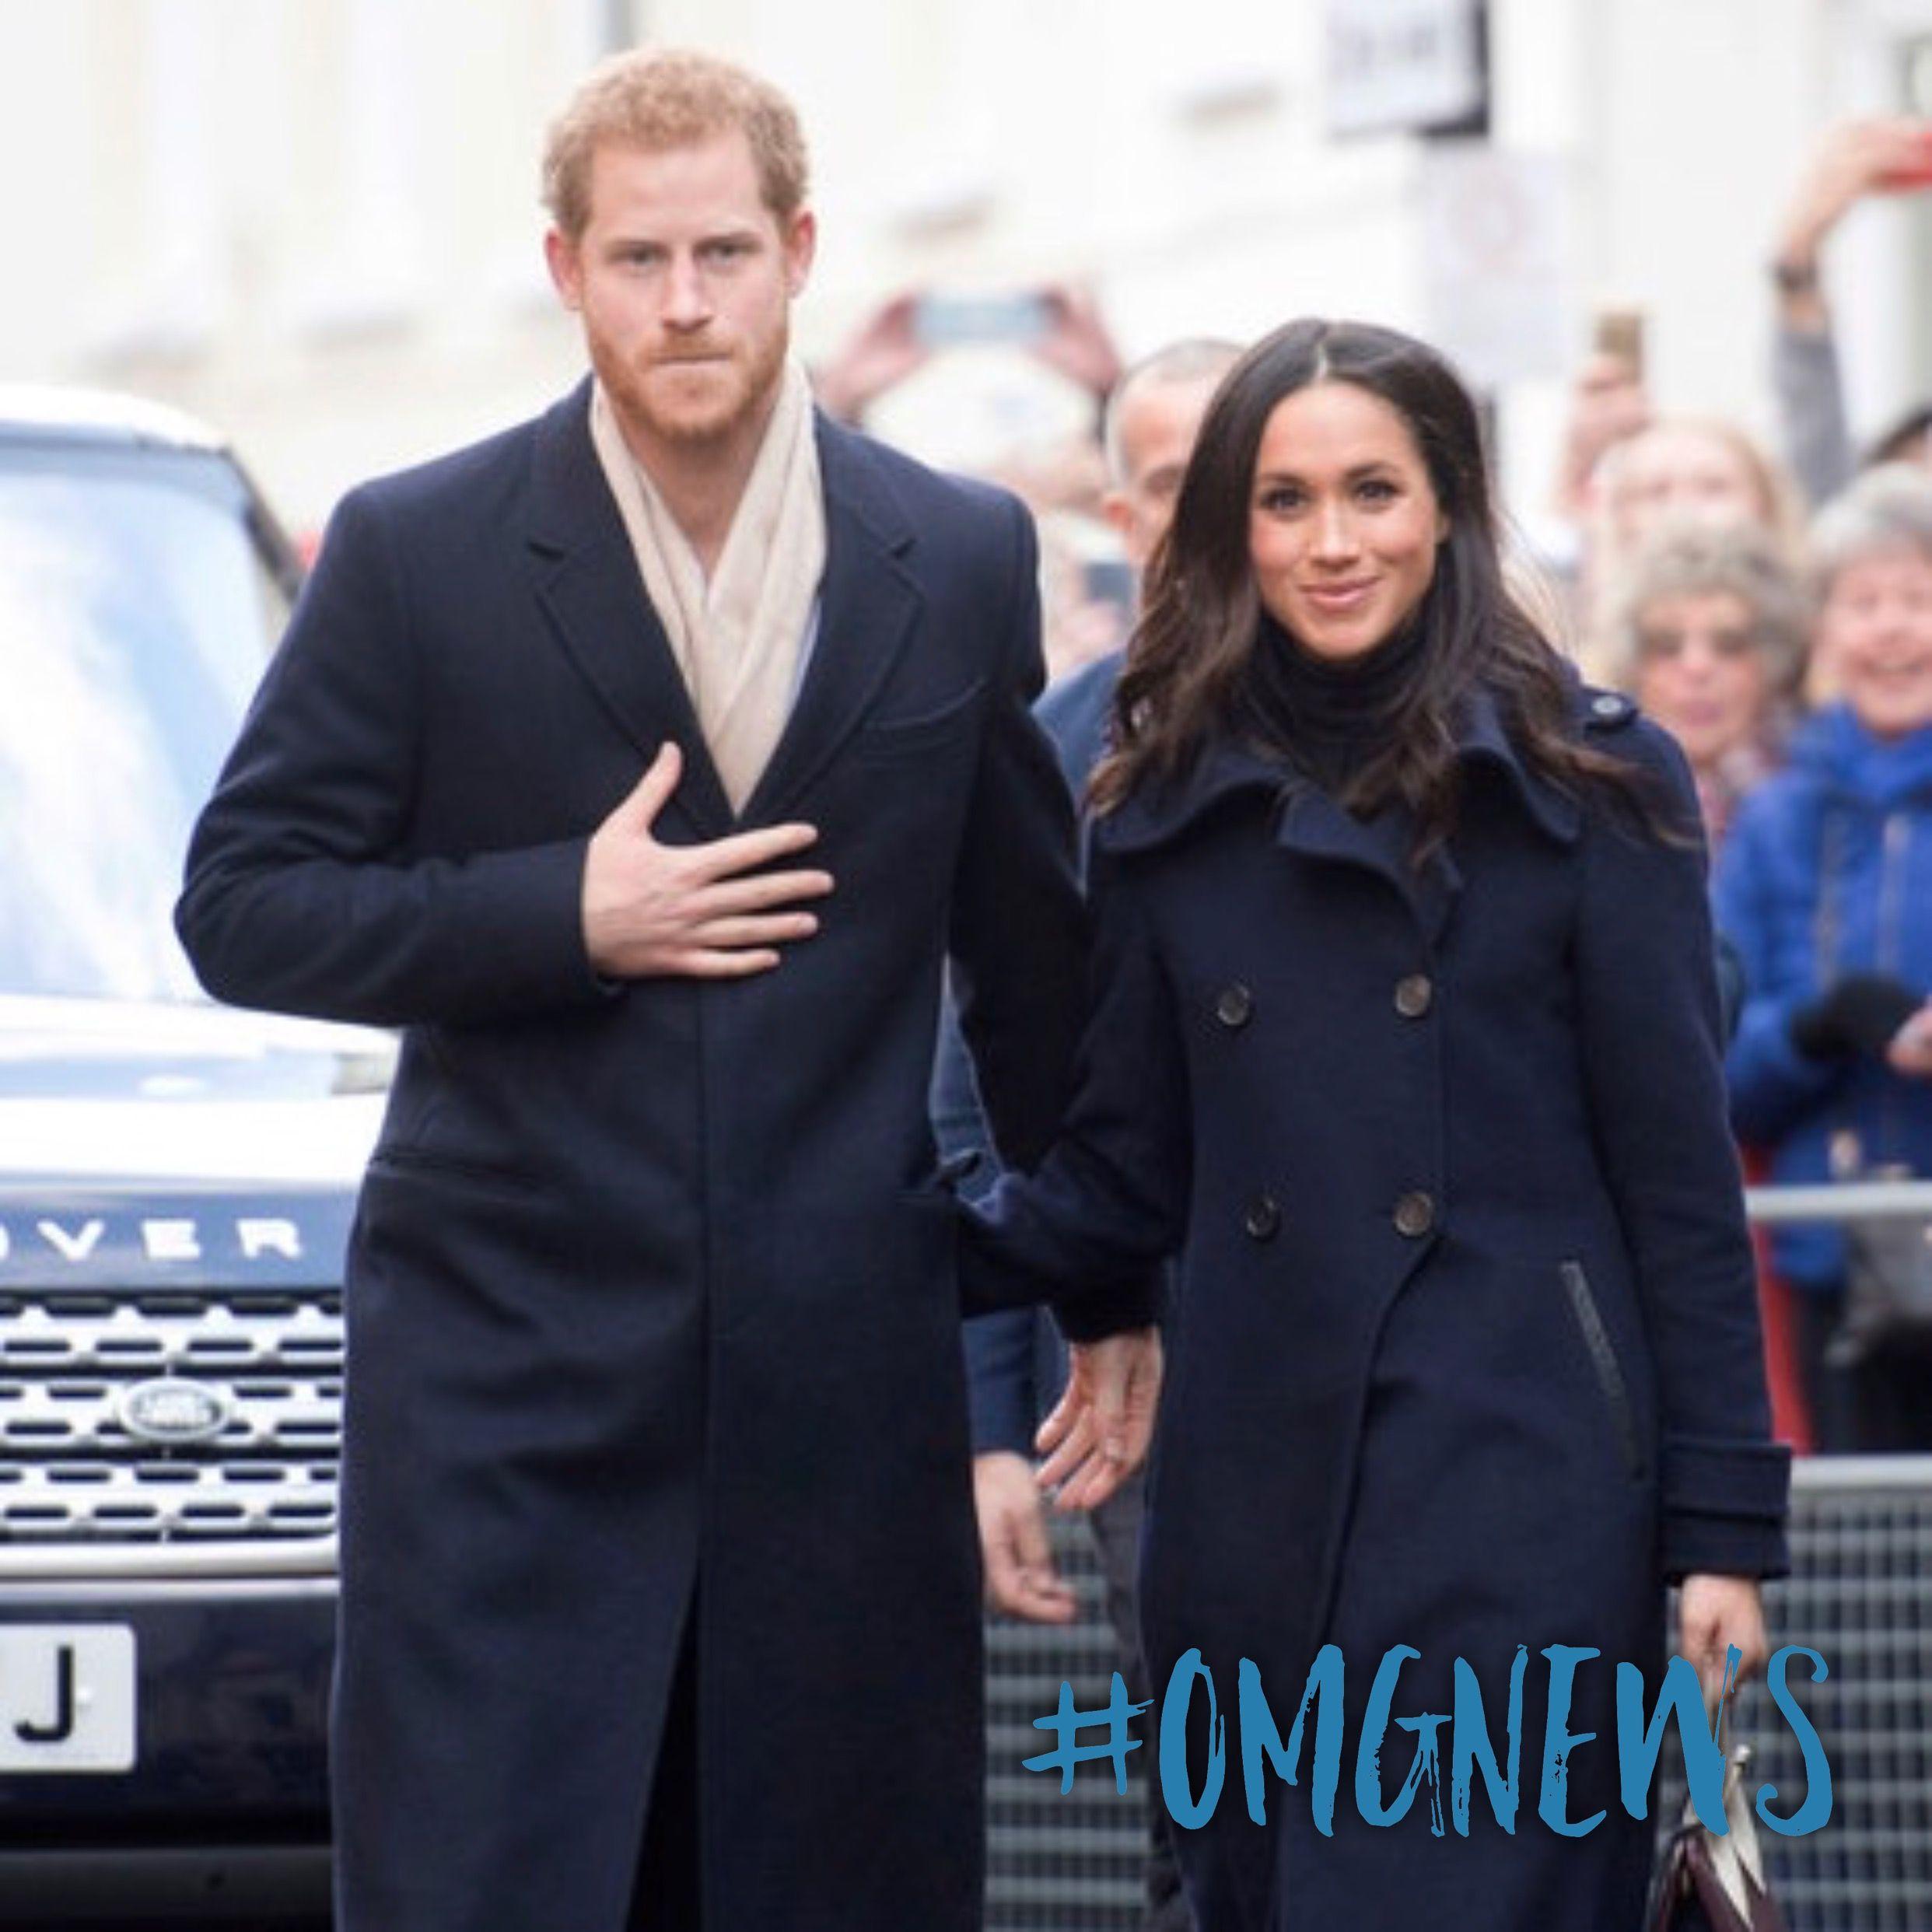 58d7c0629983 О помолвке принца Гарри и Меган Маркл стало известно буквально несколько дней  назад. Будущие супруги